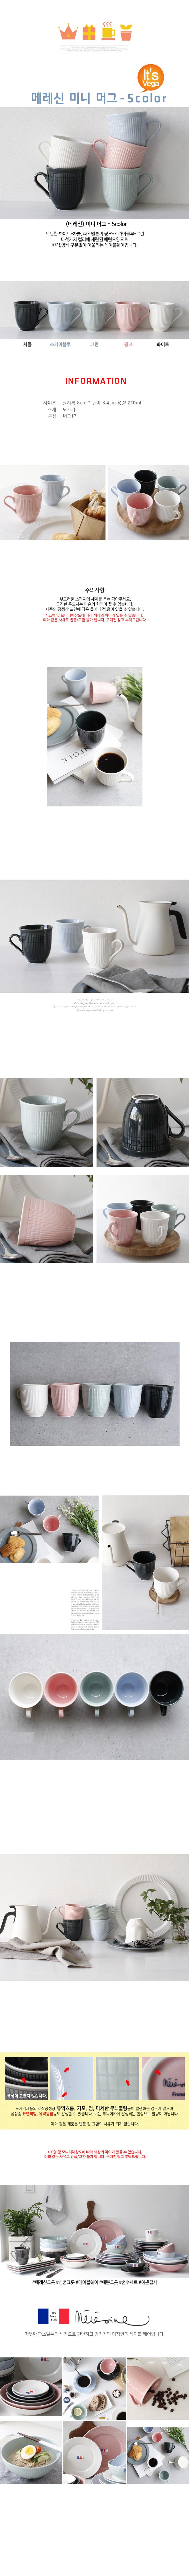 메레신 미니 머그 - 5color - 베가, 9,300원, 머그컵, 심플머그